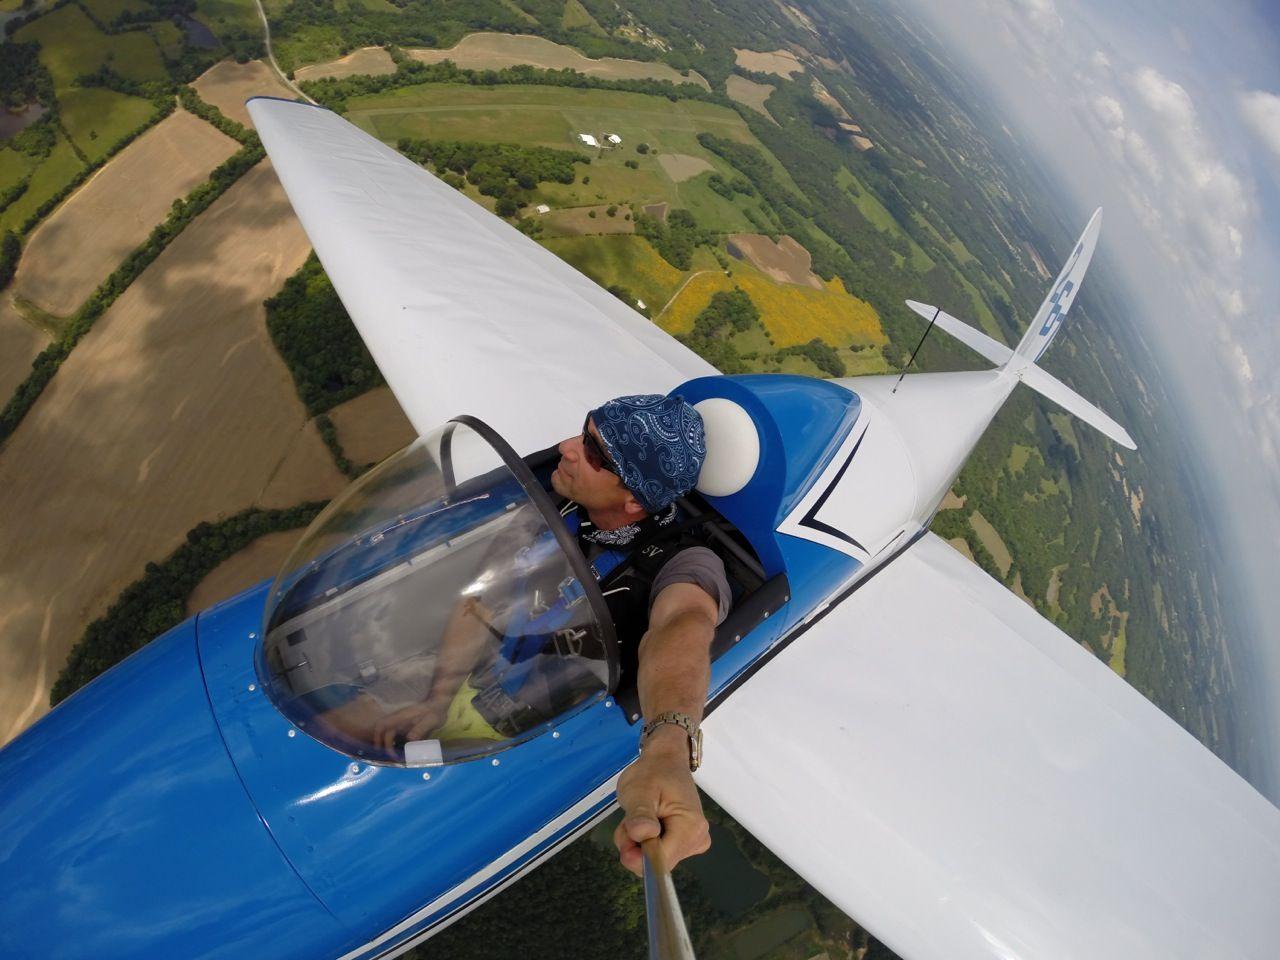 Sailplane- Schweizer 1-26 Sport Canopy & Sailplane- Schweizer 1-26 Sport Canopy | Plane Stuff | Pinterest ...